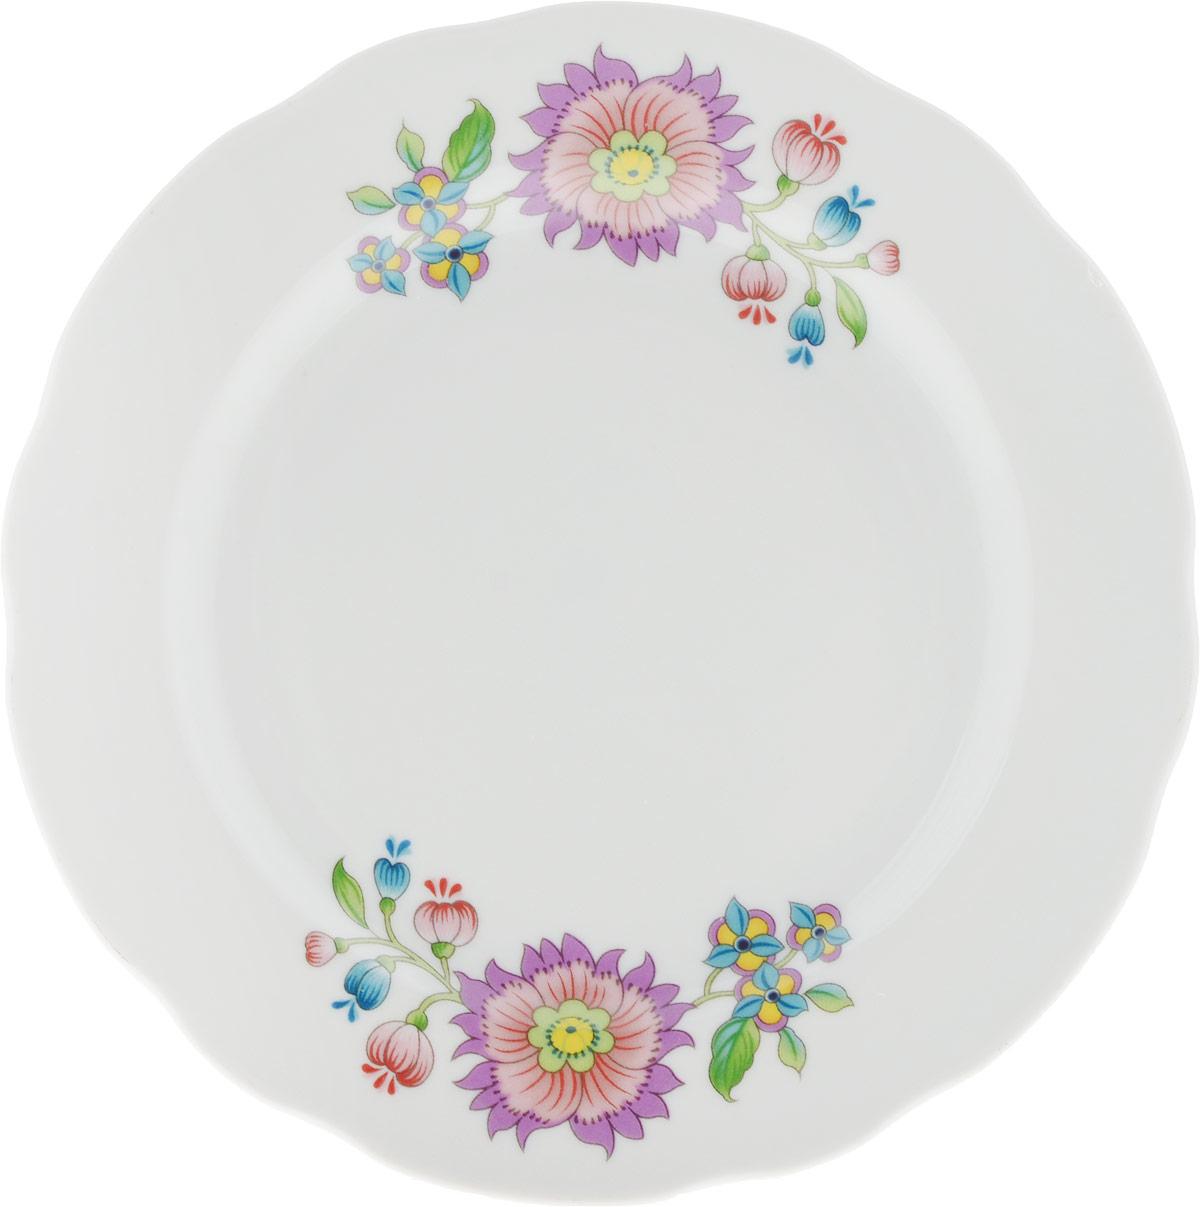 Тарелка мелкая Дулевский Фарфор Луговые цветы, диаметр 17,5 см